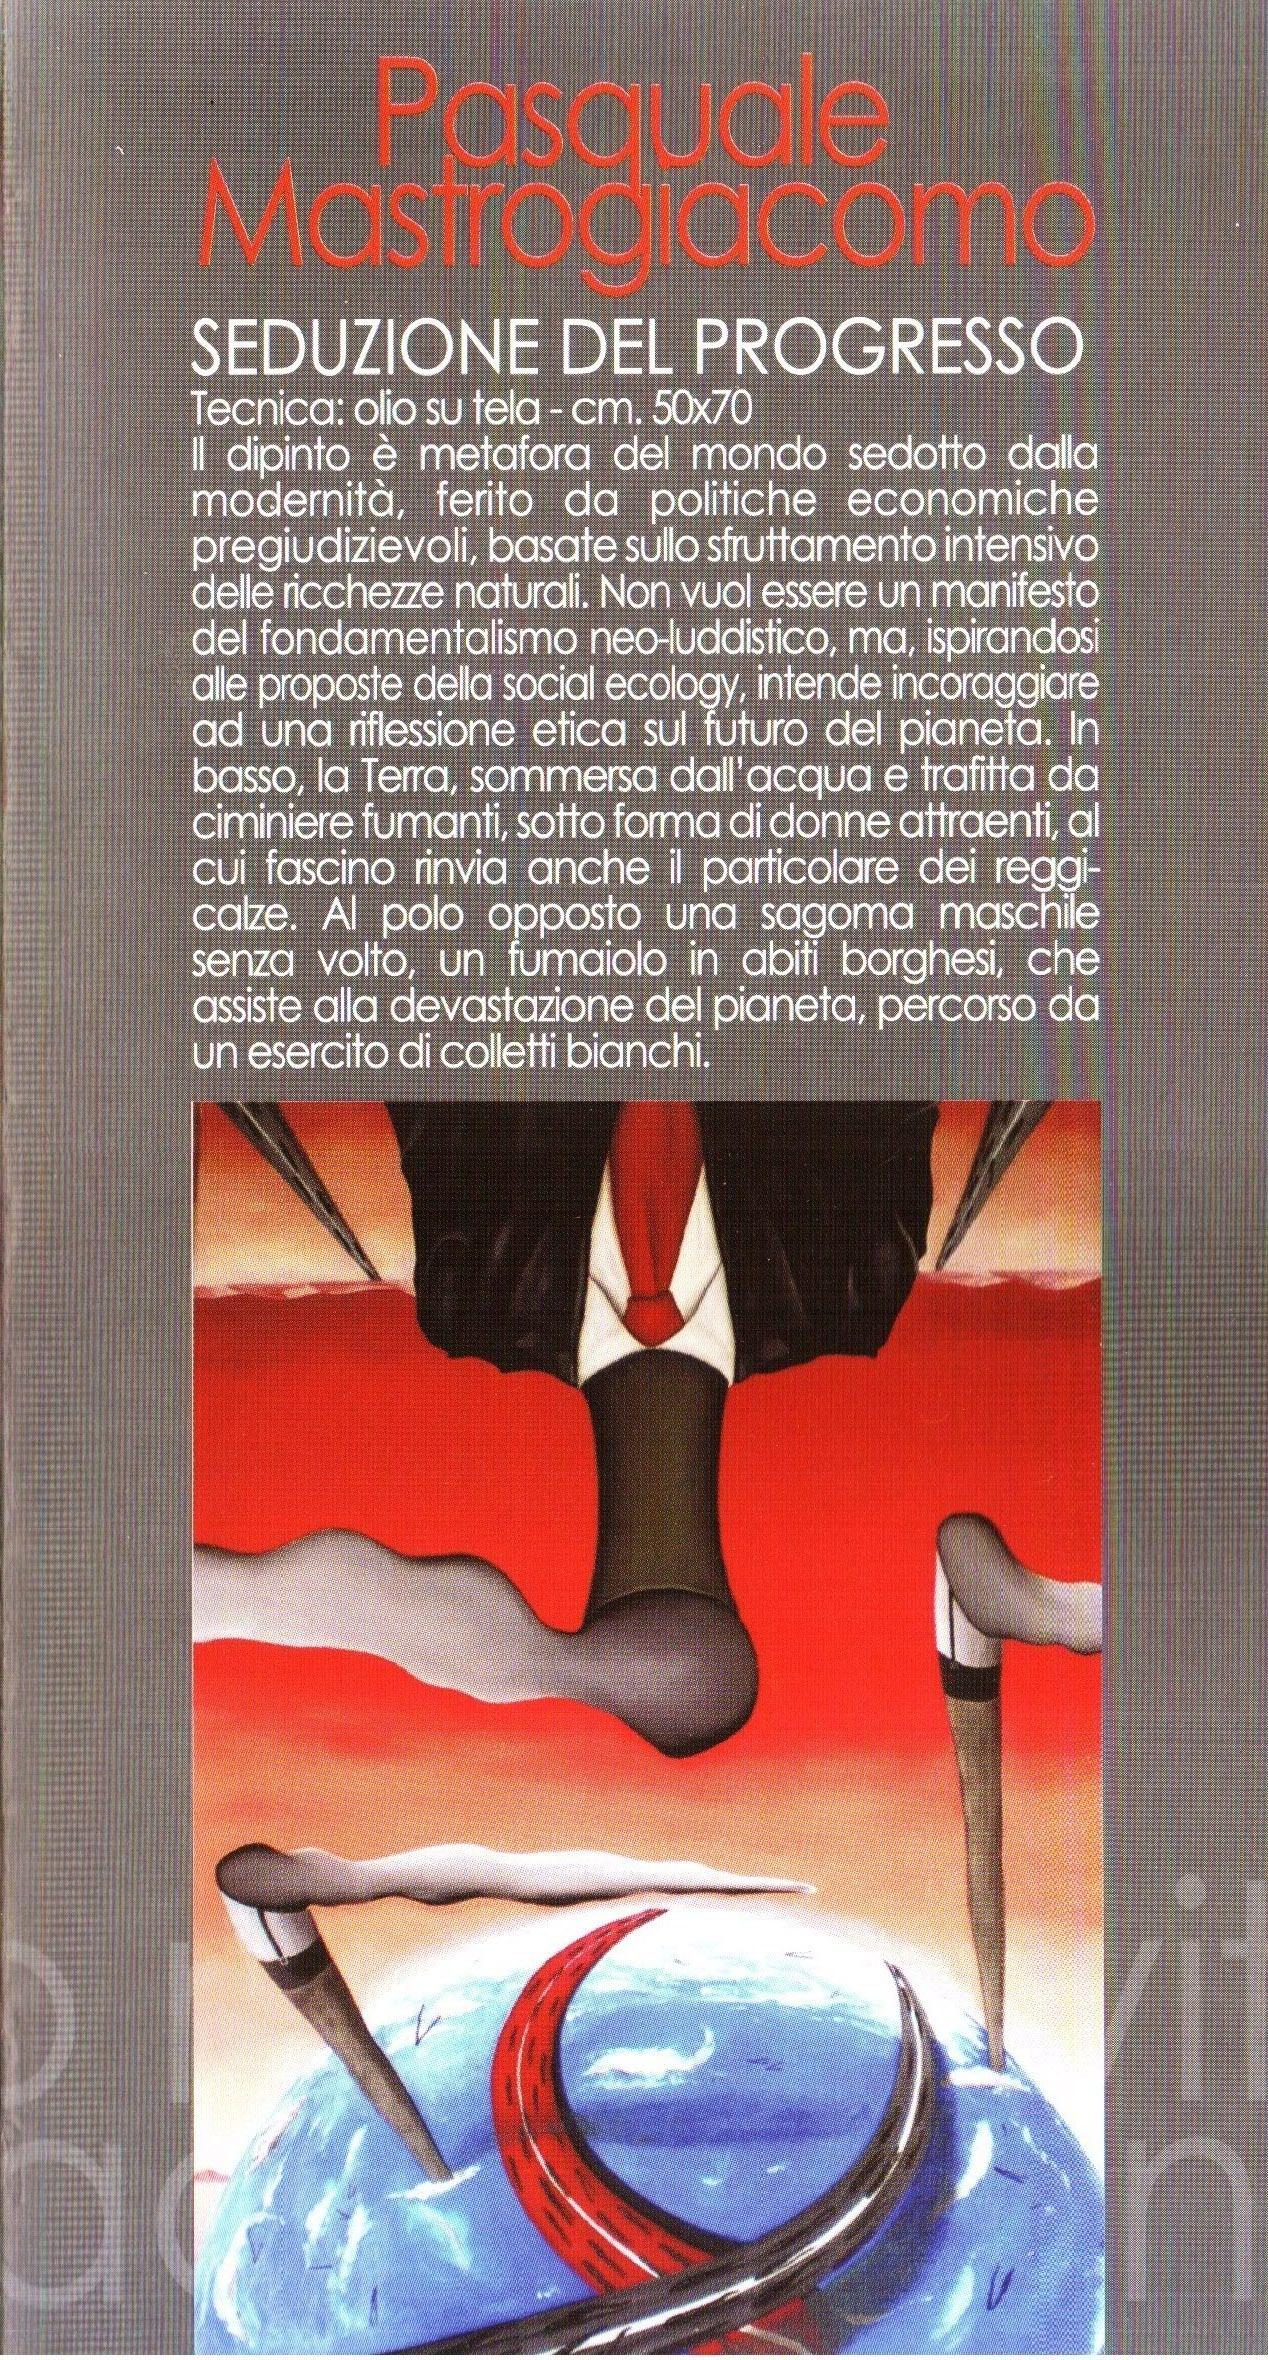 """Pagina del catalogo """"Rifiuti in cerca di autore, Second life 2009/10, Salerno in arte""""-Pasquale Mastrogiacomo"""